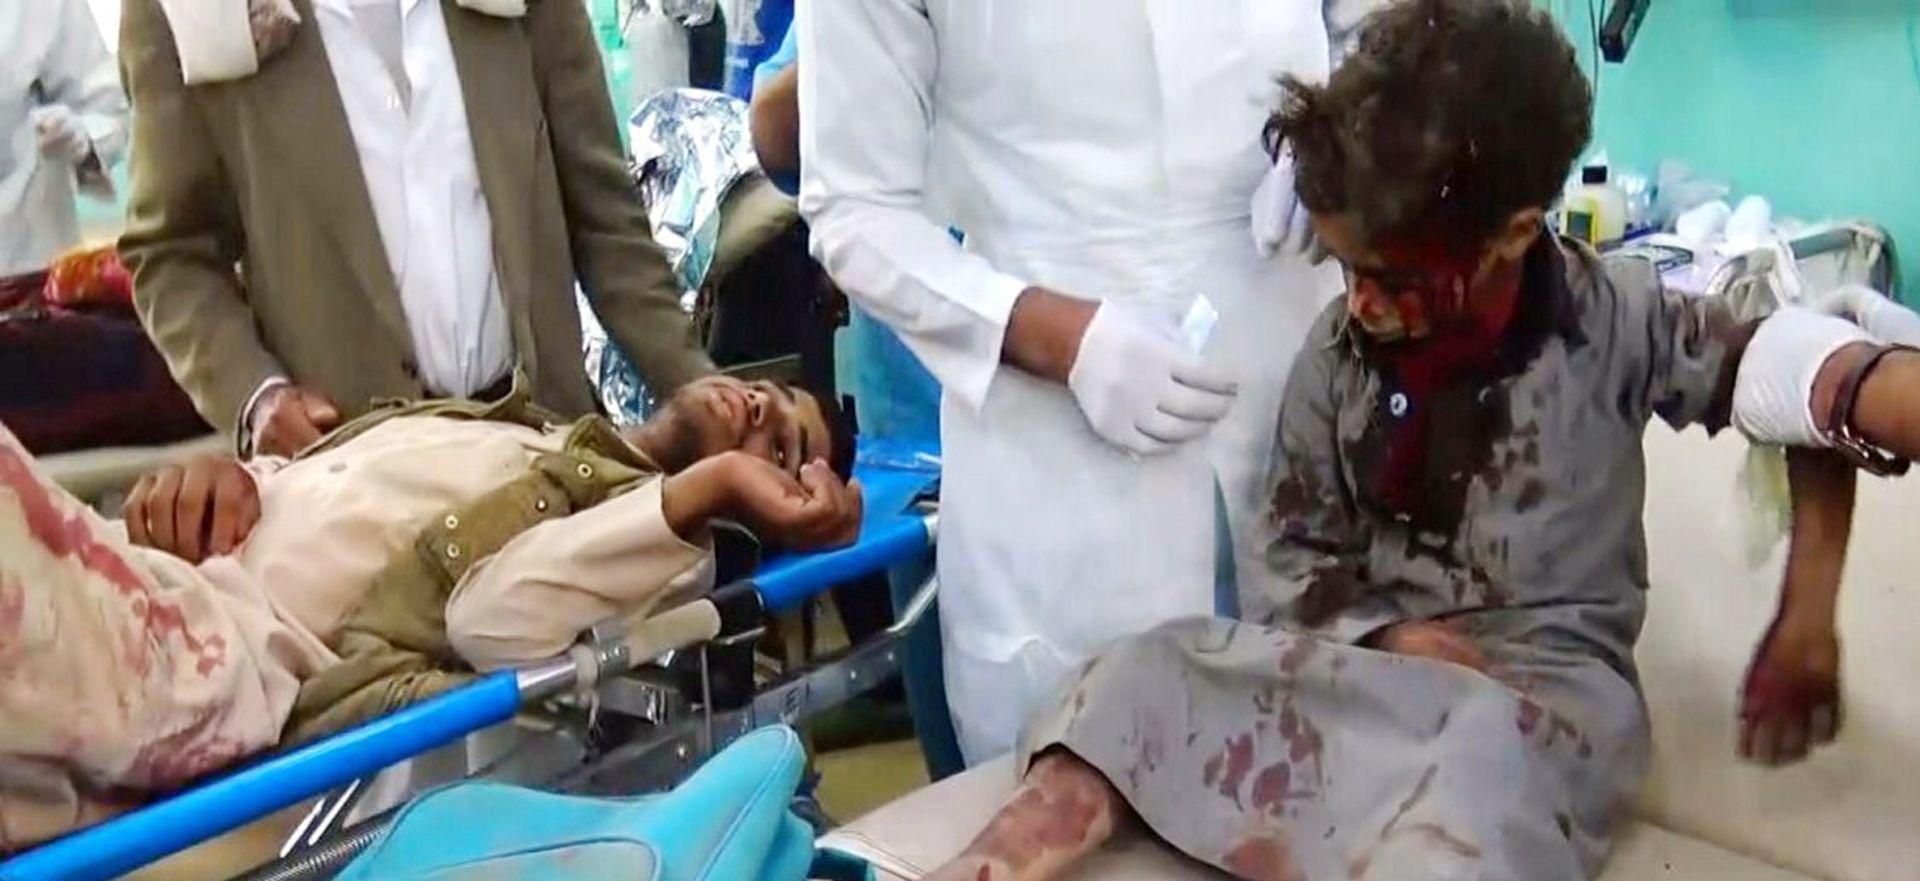 JEMEN U napadu ubijeno 29 djece, Guterres traži hitnu istragu